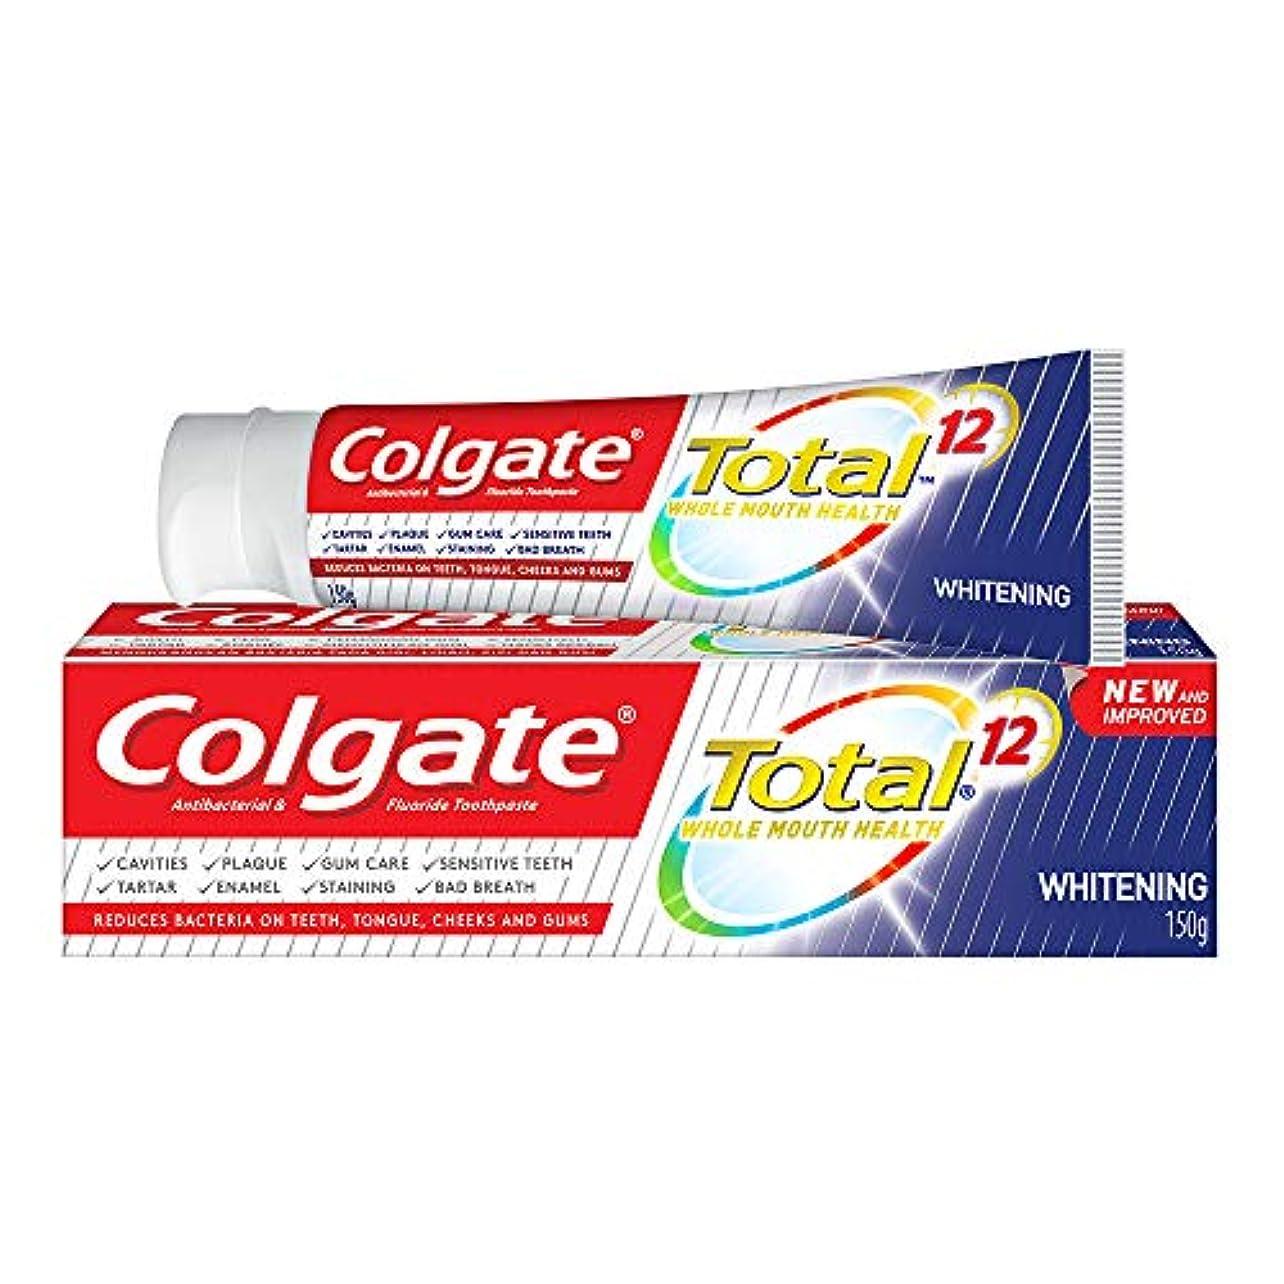 変形太陽肉腫(コルゲート)Colgate 歯磨き粉 Total (150g, ホールマウスヘルス)